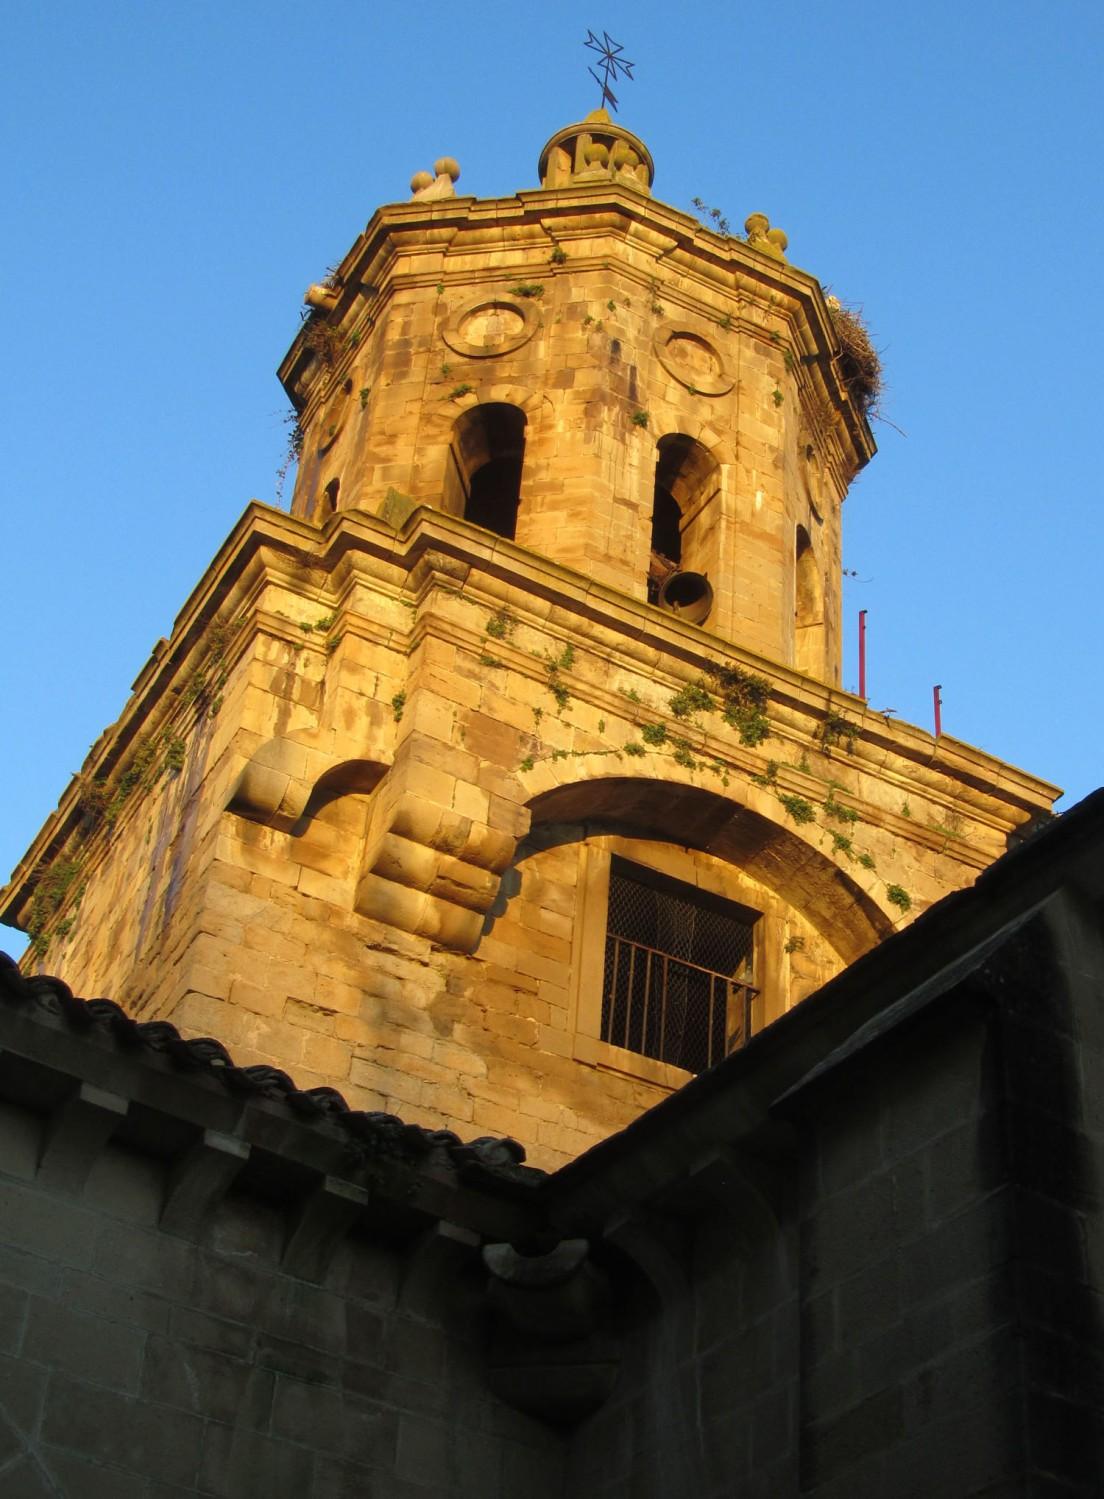 Camino-De-Santiago-Sights-And-Scenery-Puente-De-Reina